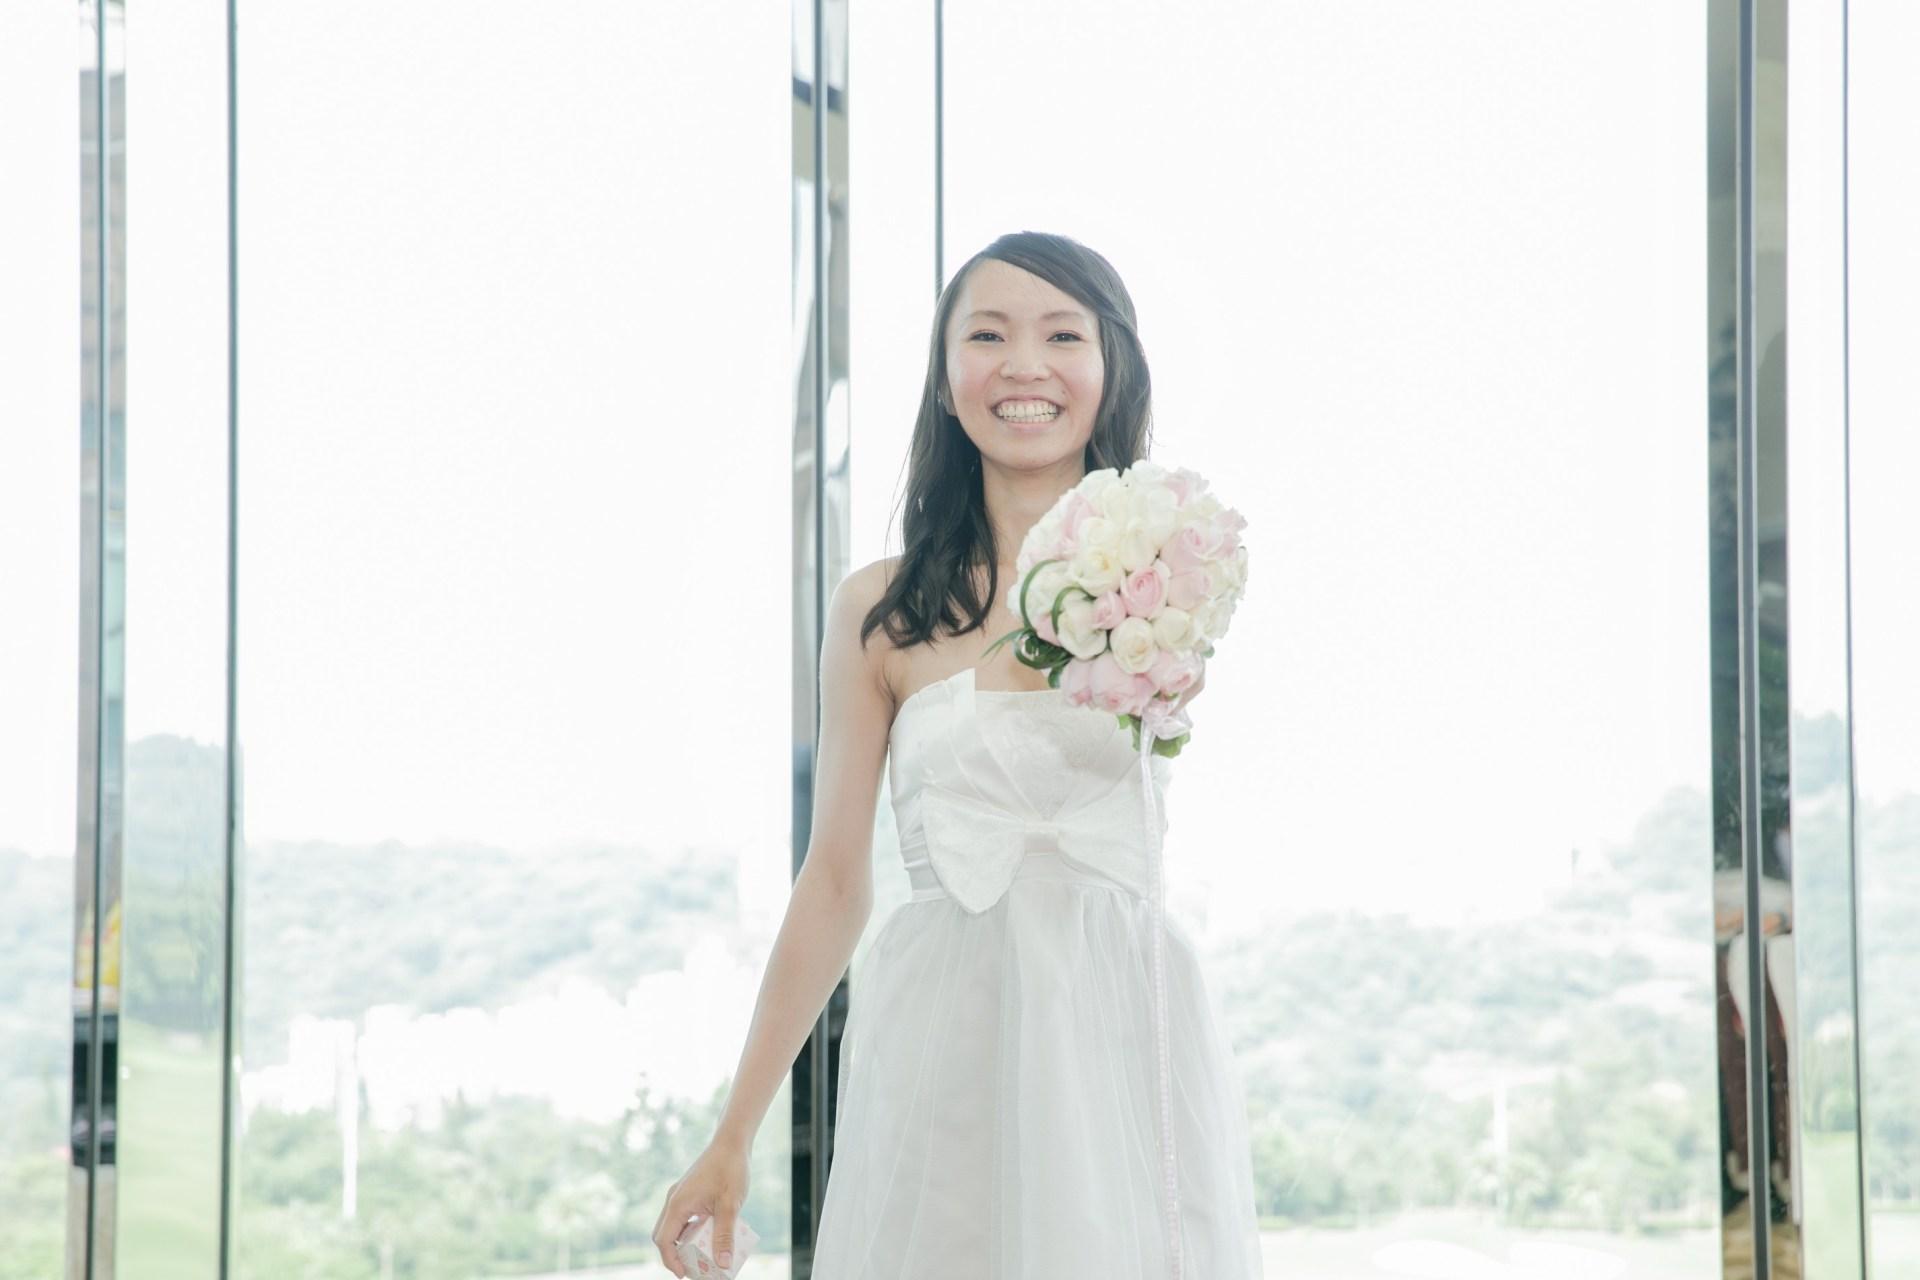 婚禮攝影:婚攝推薦Hawk